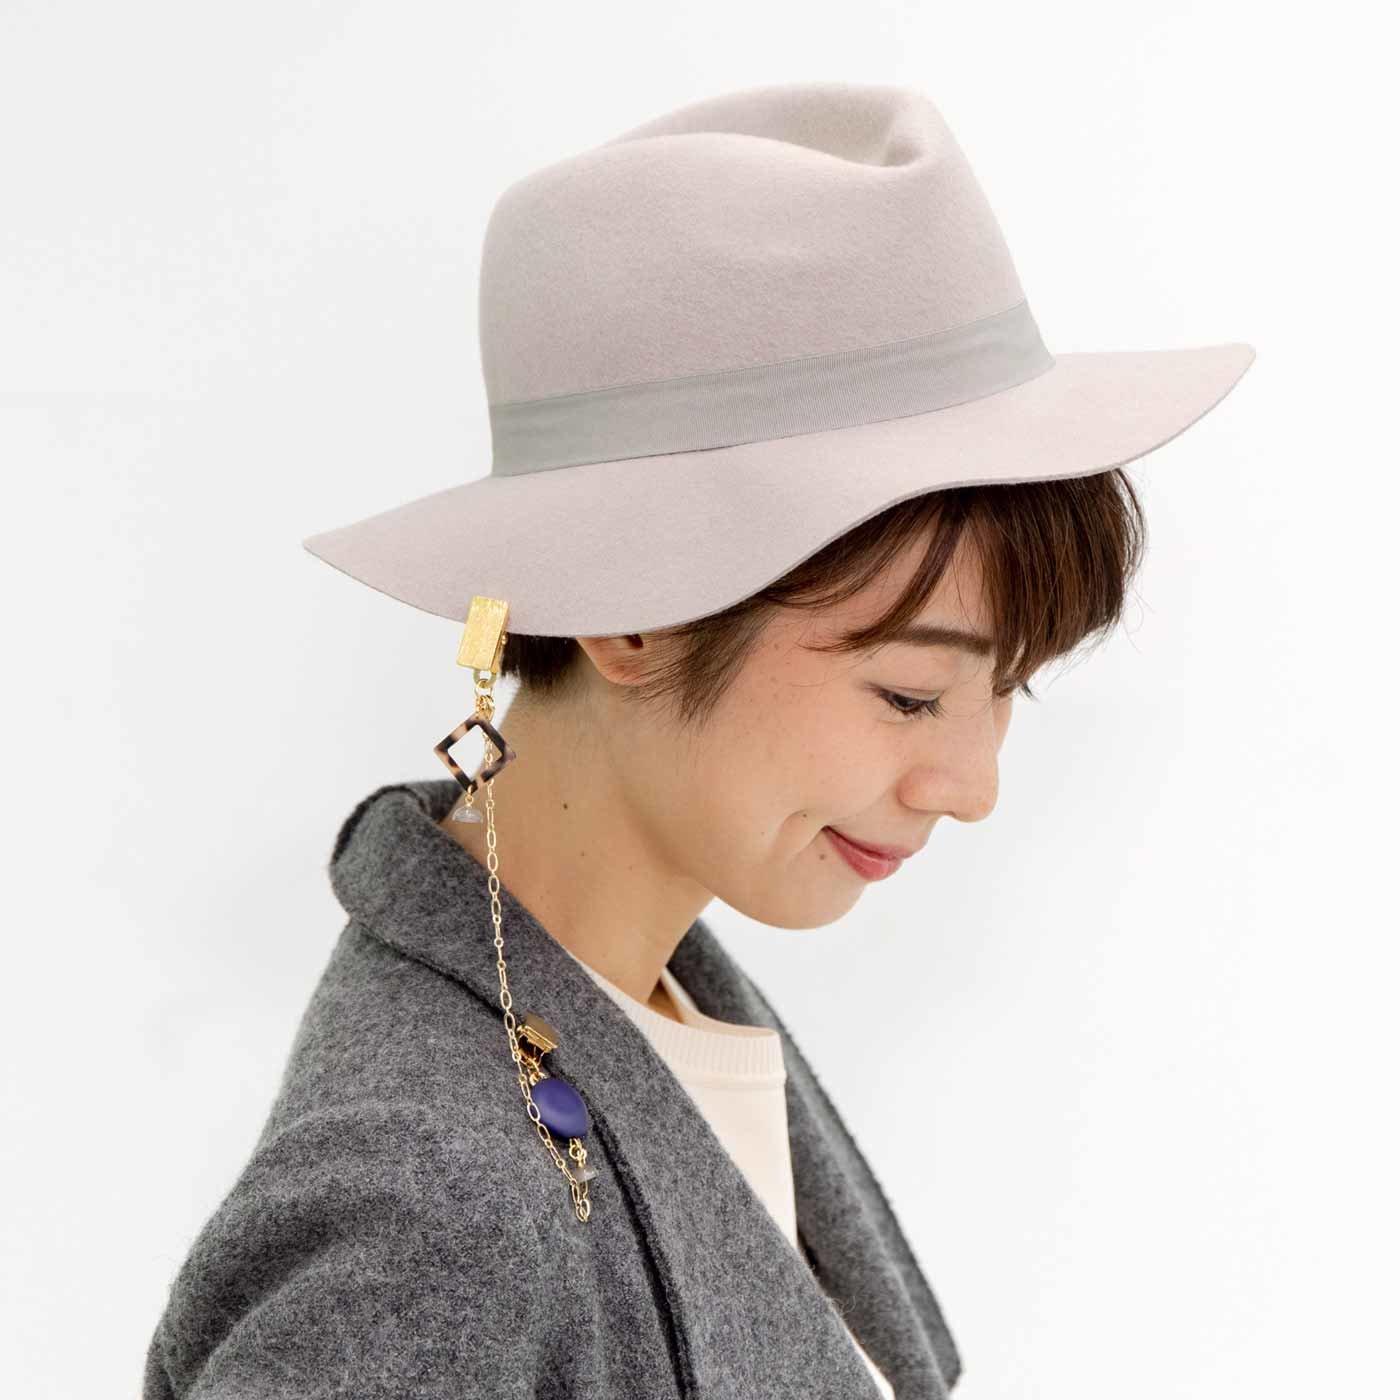 帽子やストールもう落とさない いろいろ使えるマグネットダブルクリップの会